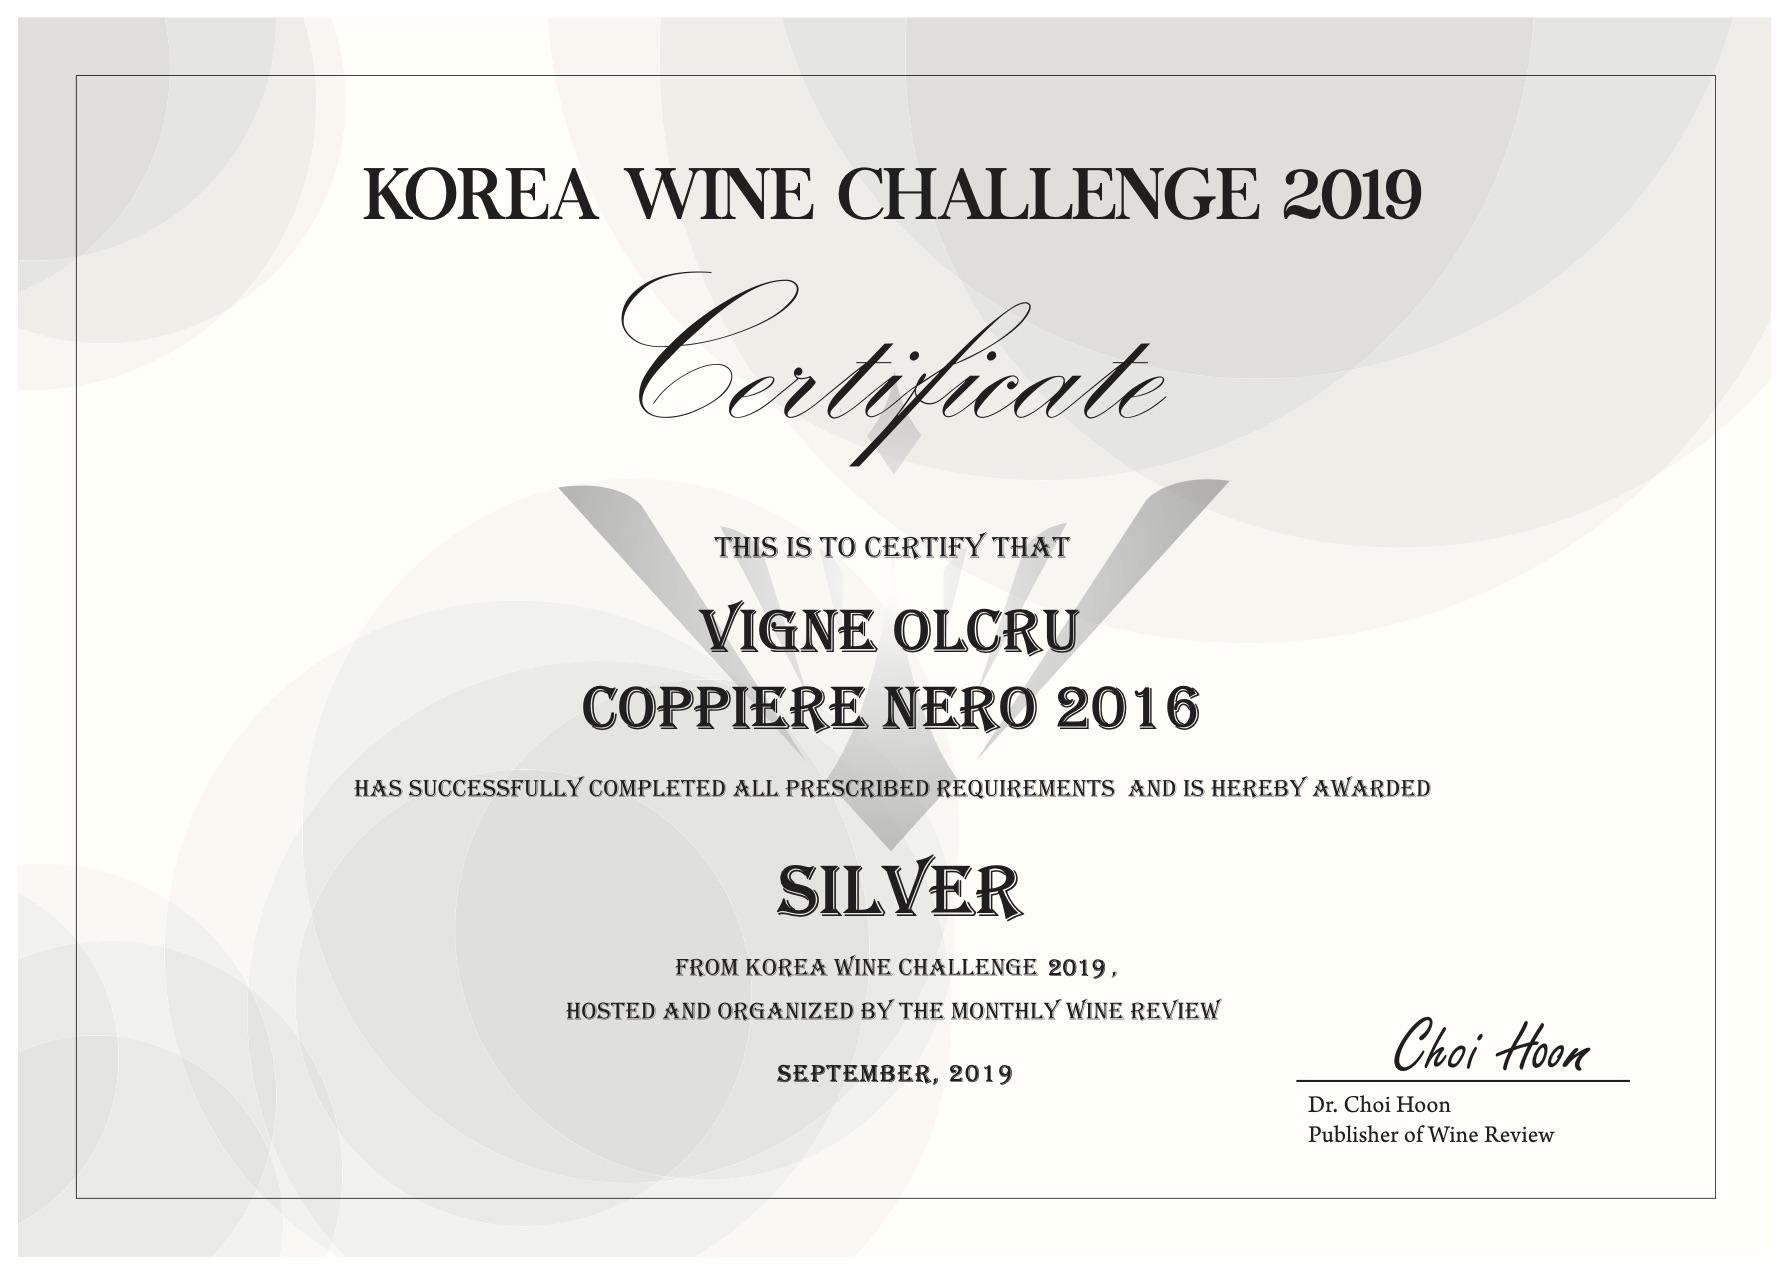 Korea Wine Challenge 2019 – Coppiere Nero 2016 – Silver